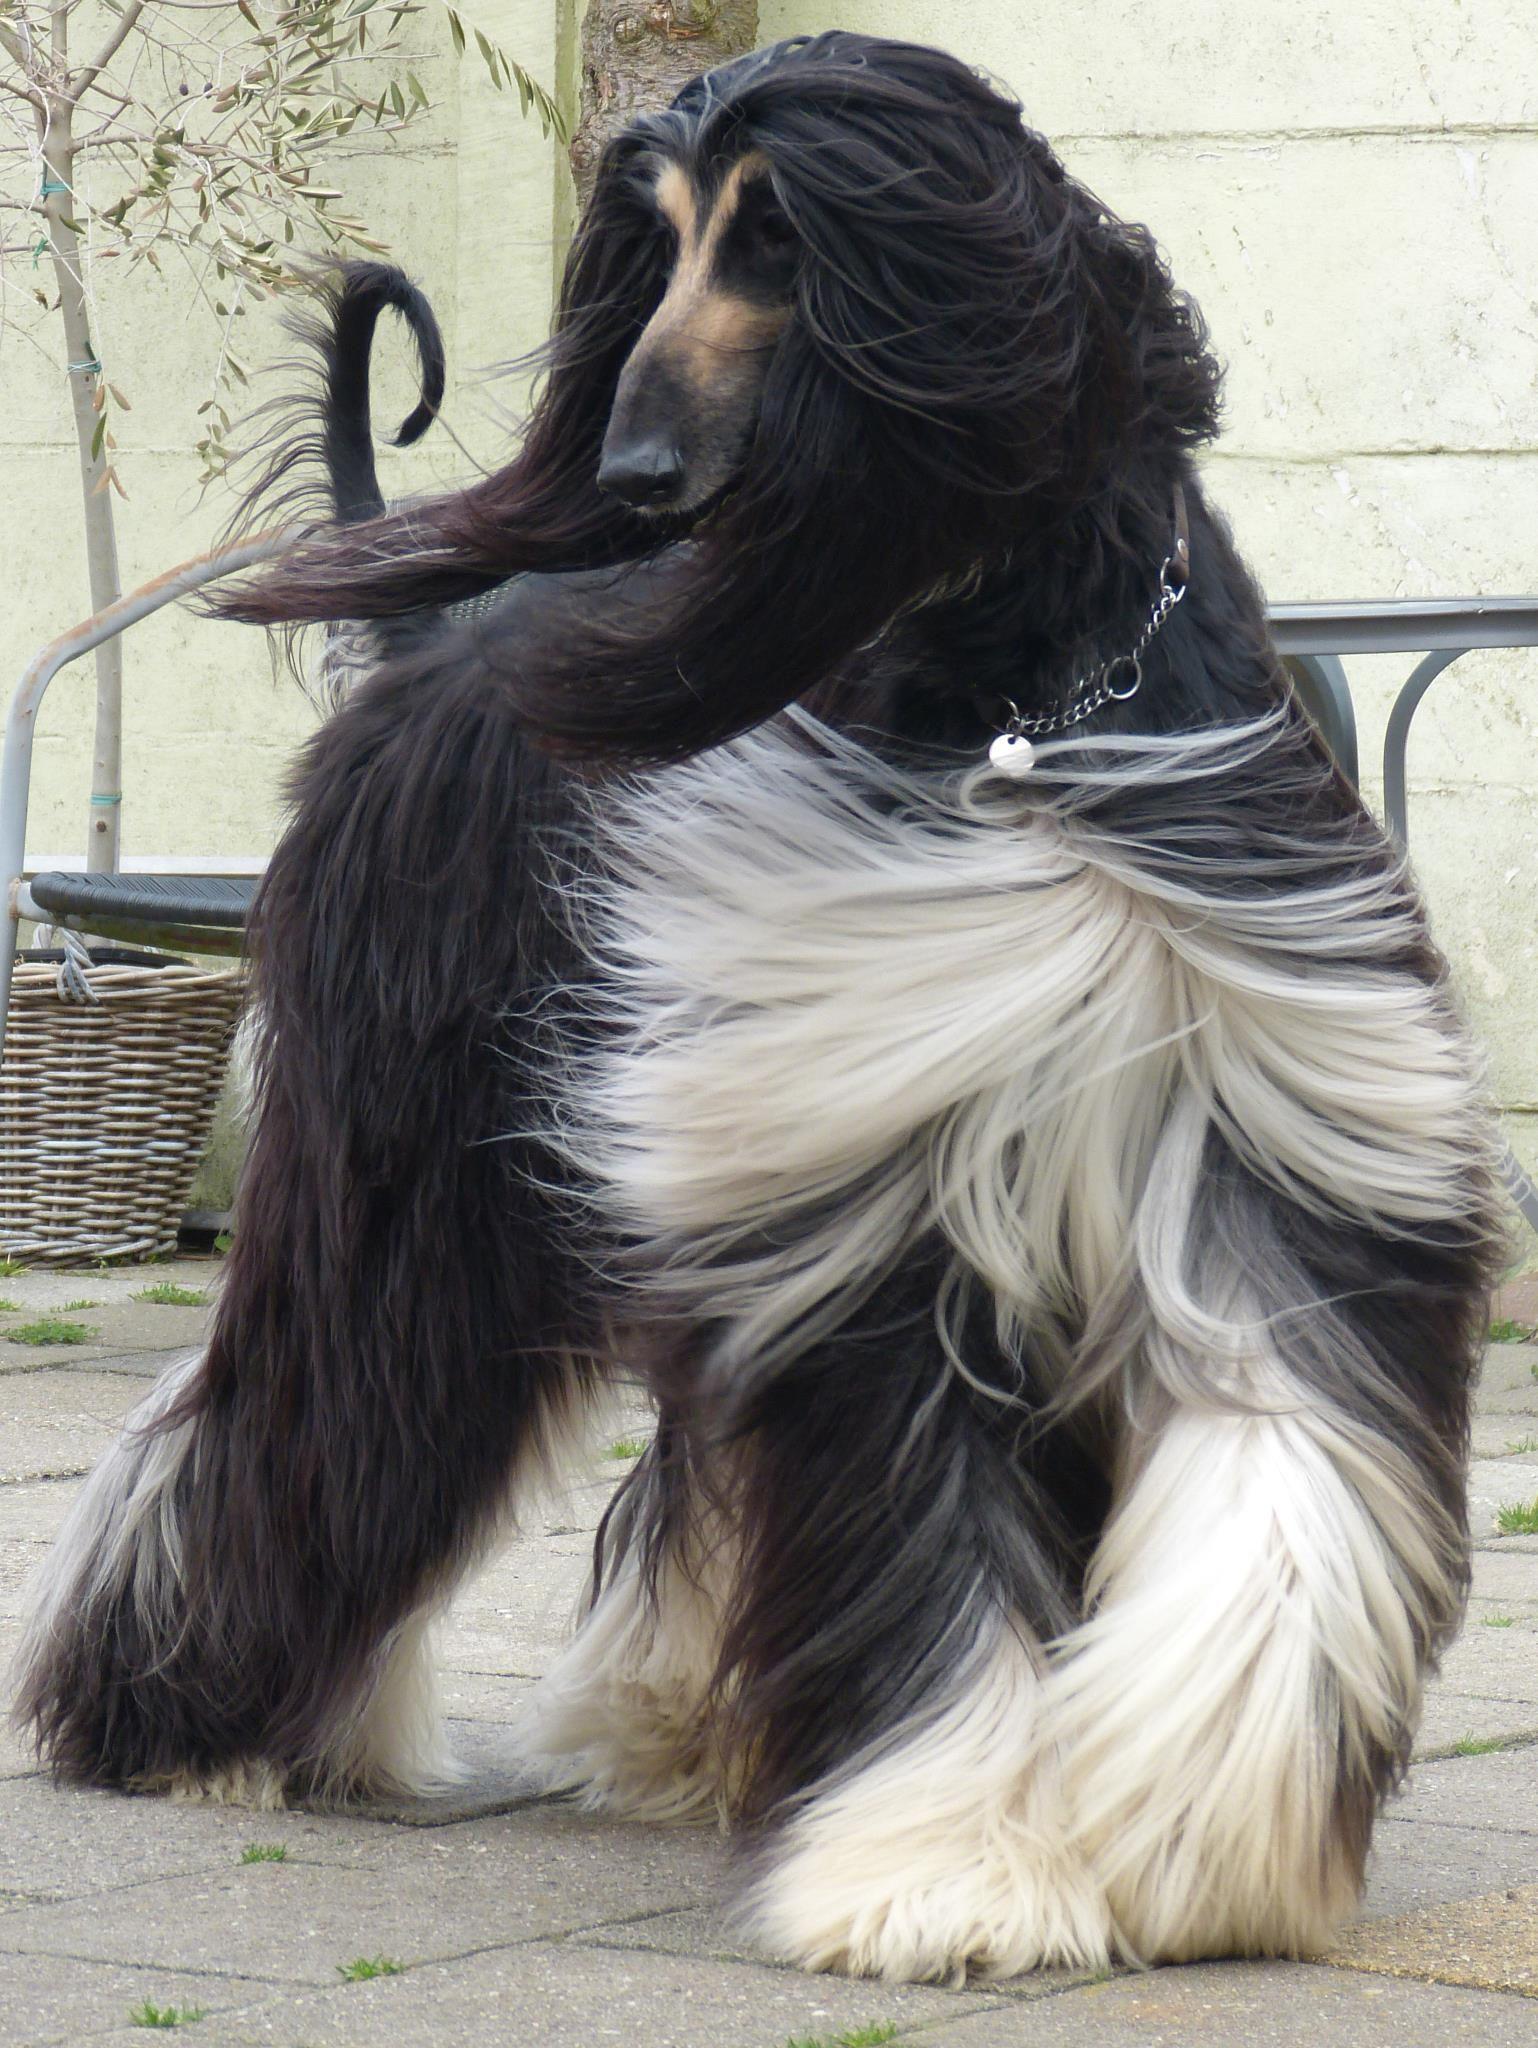 Way Up Mr Mister Maestro Owned By Gonny De Niet Via Facebook Windhund Windhunde Hunde